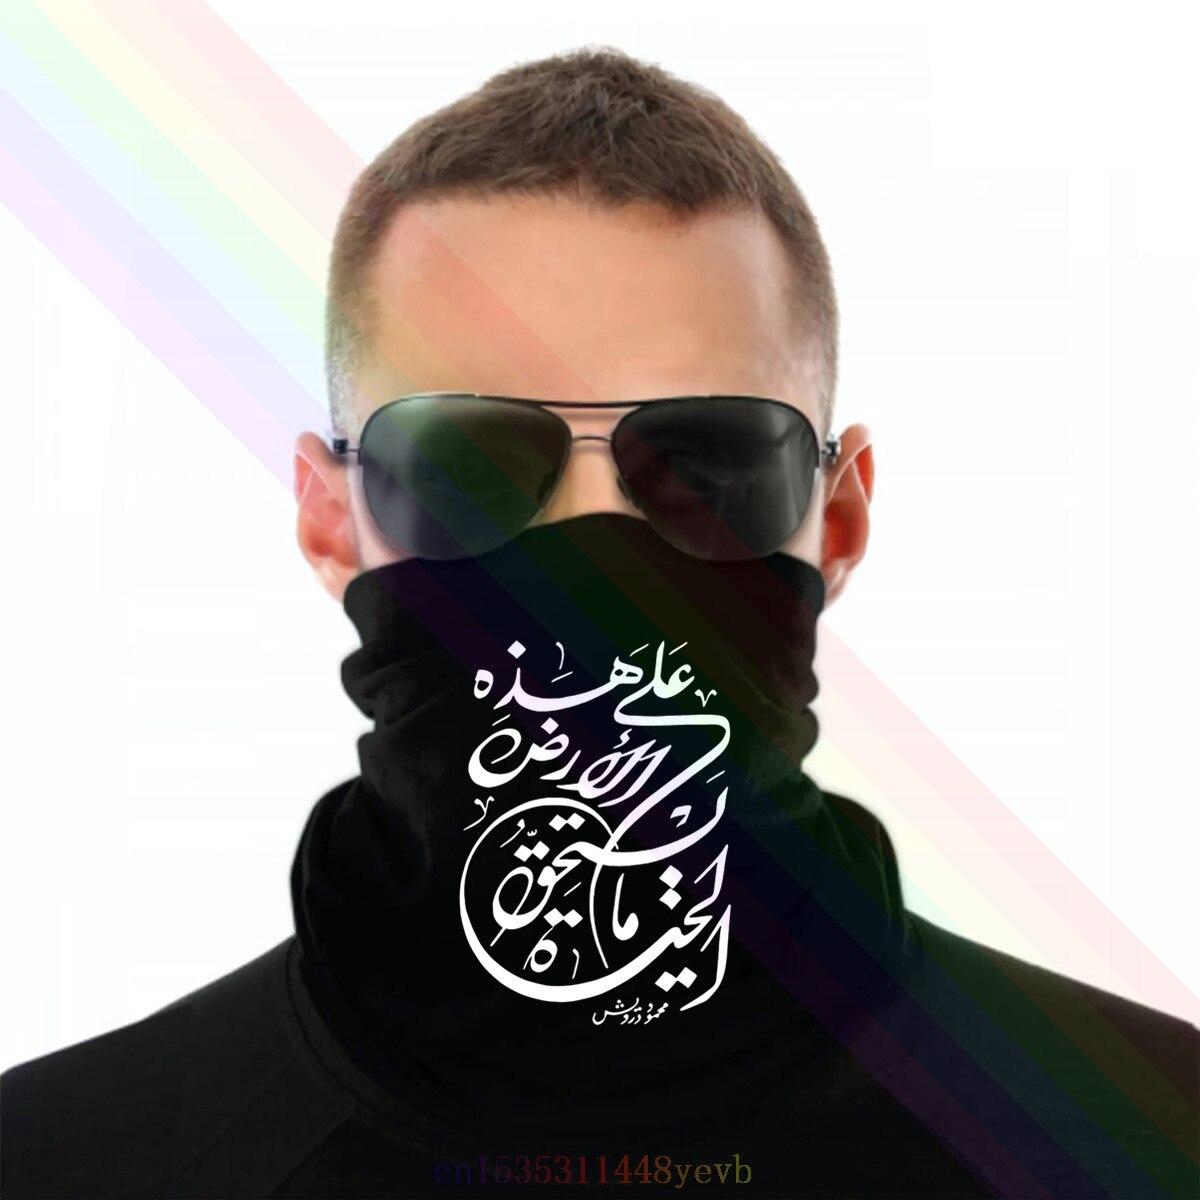 Acontece caligrafia árabe crânio bandana lenço pescoço mais quente unisex